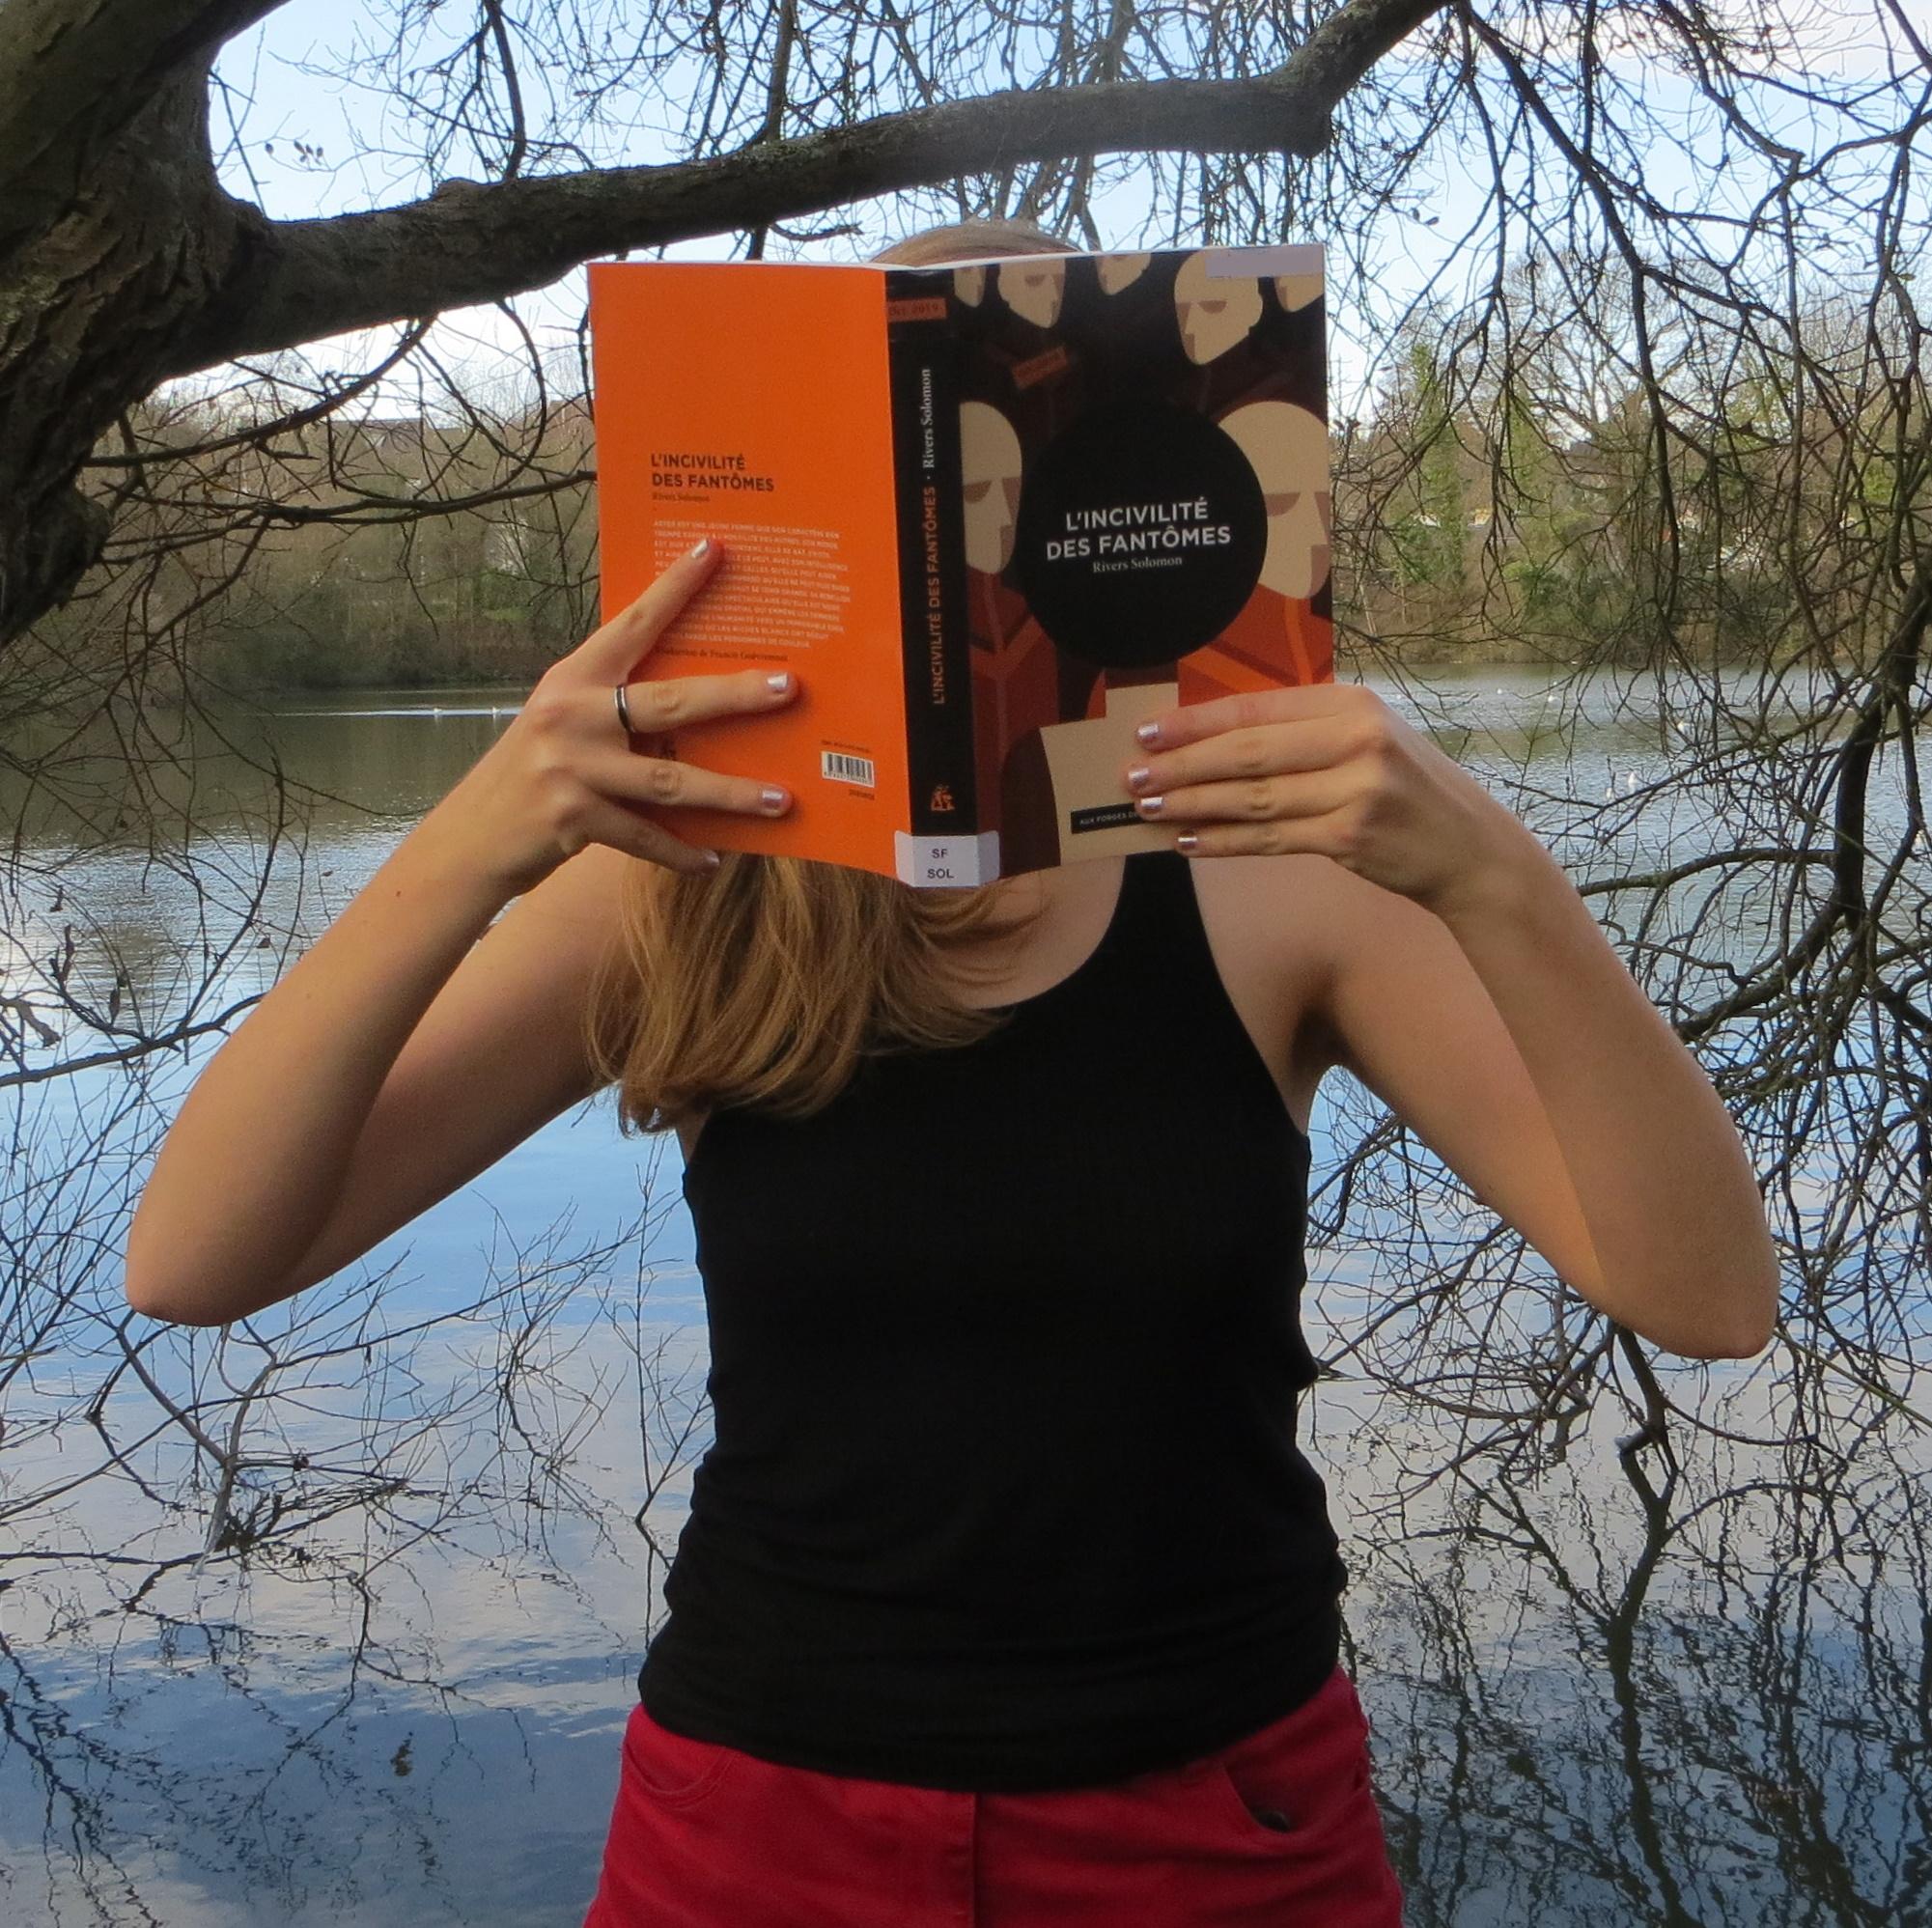 personne en débardeur noir lisant l'incivilité des fantômes devant un lac